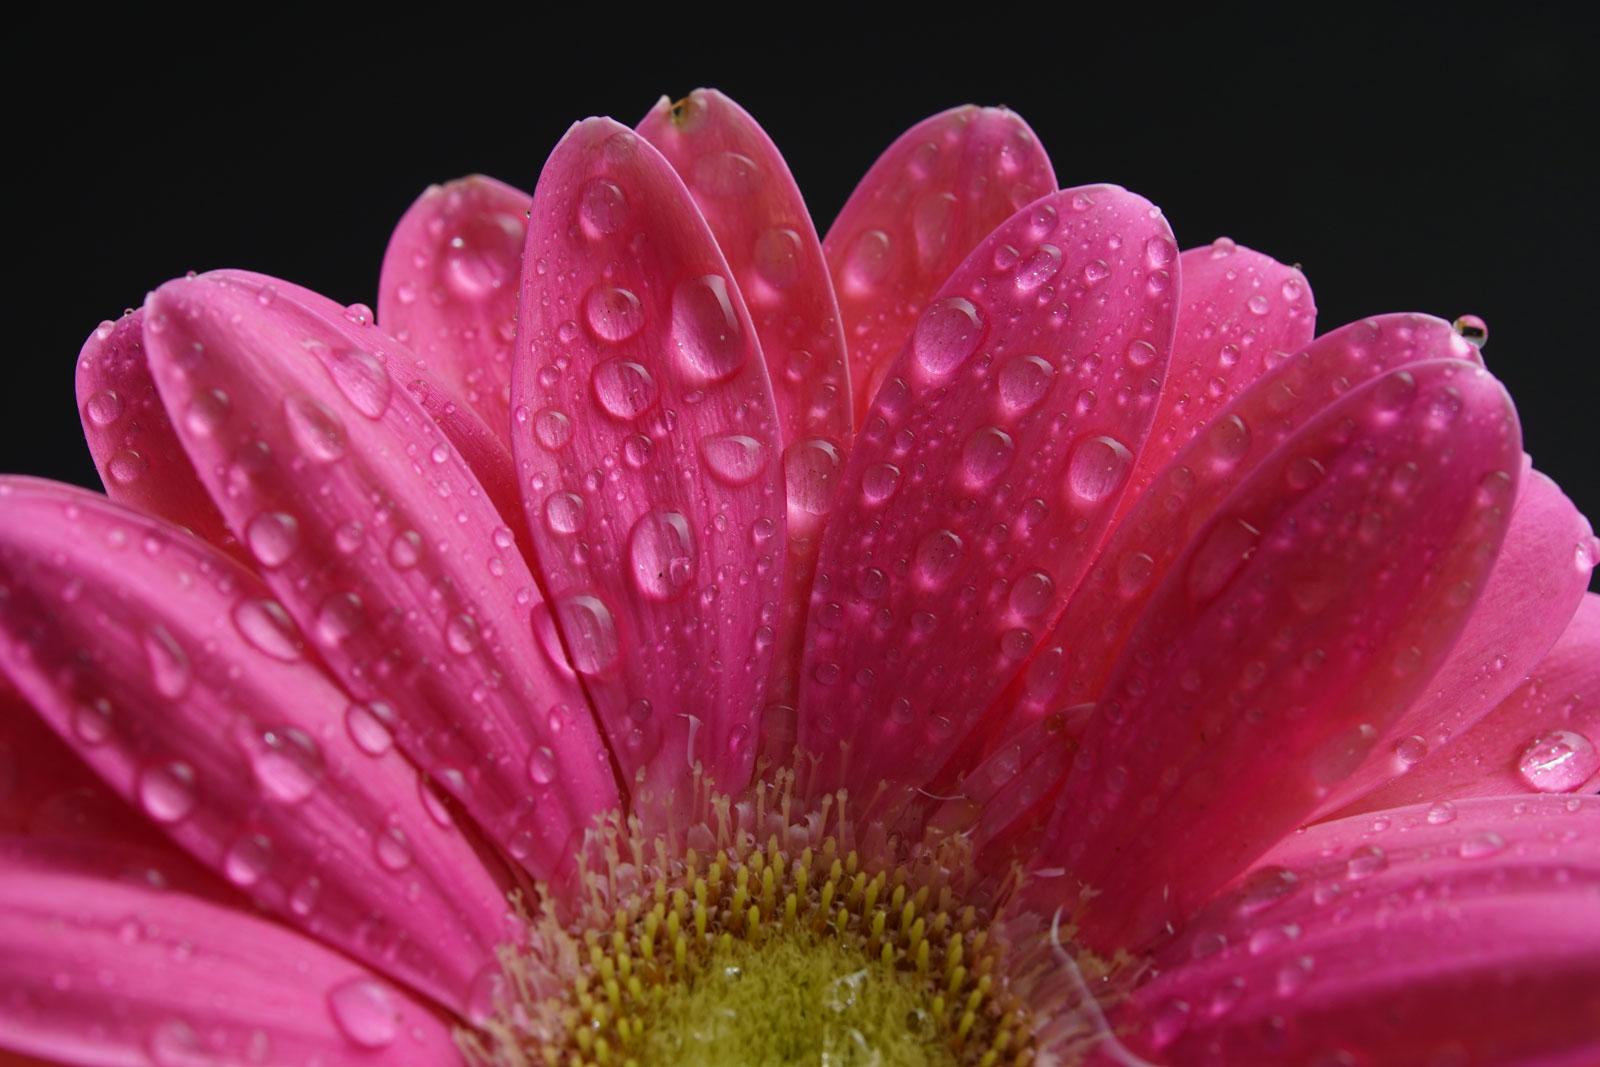 Tokina Firin 100mm F2.8 FE Macro Lens Sample Image of flower.jpg